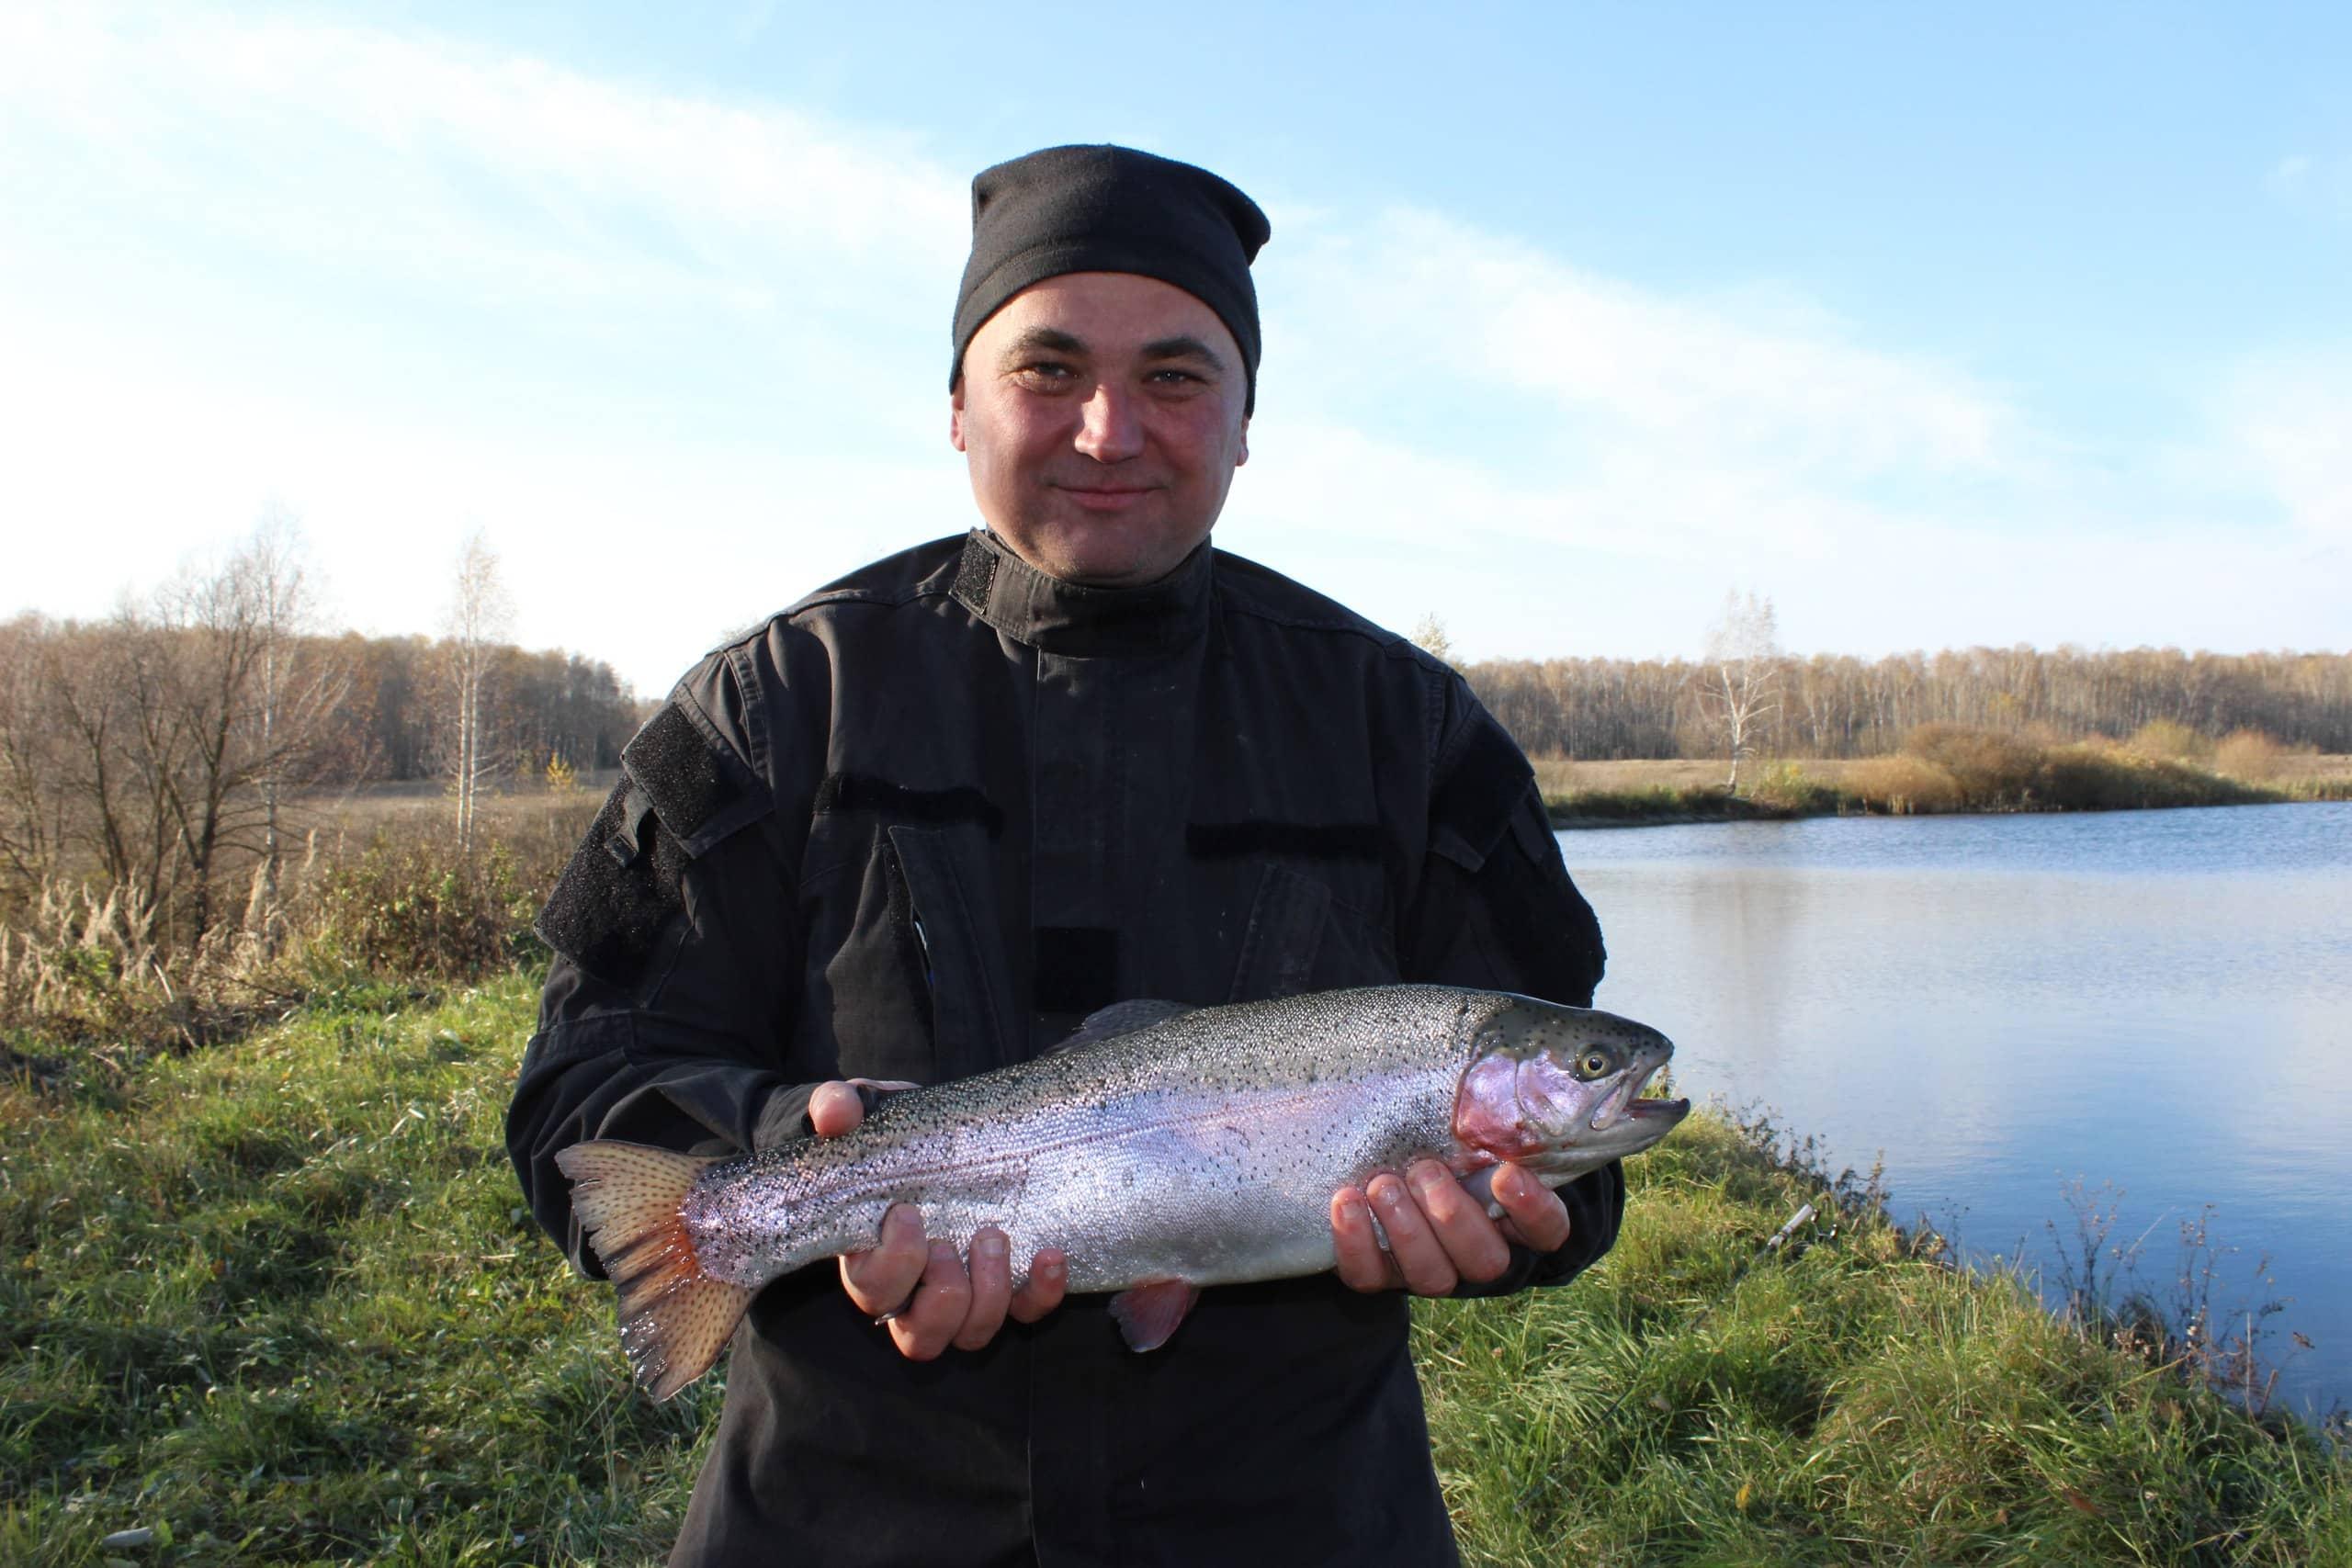 платная рыбалка в моск обл